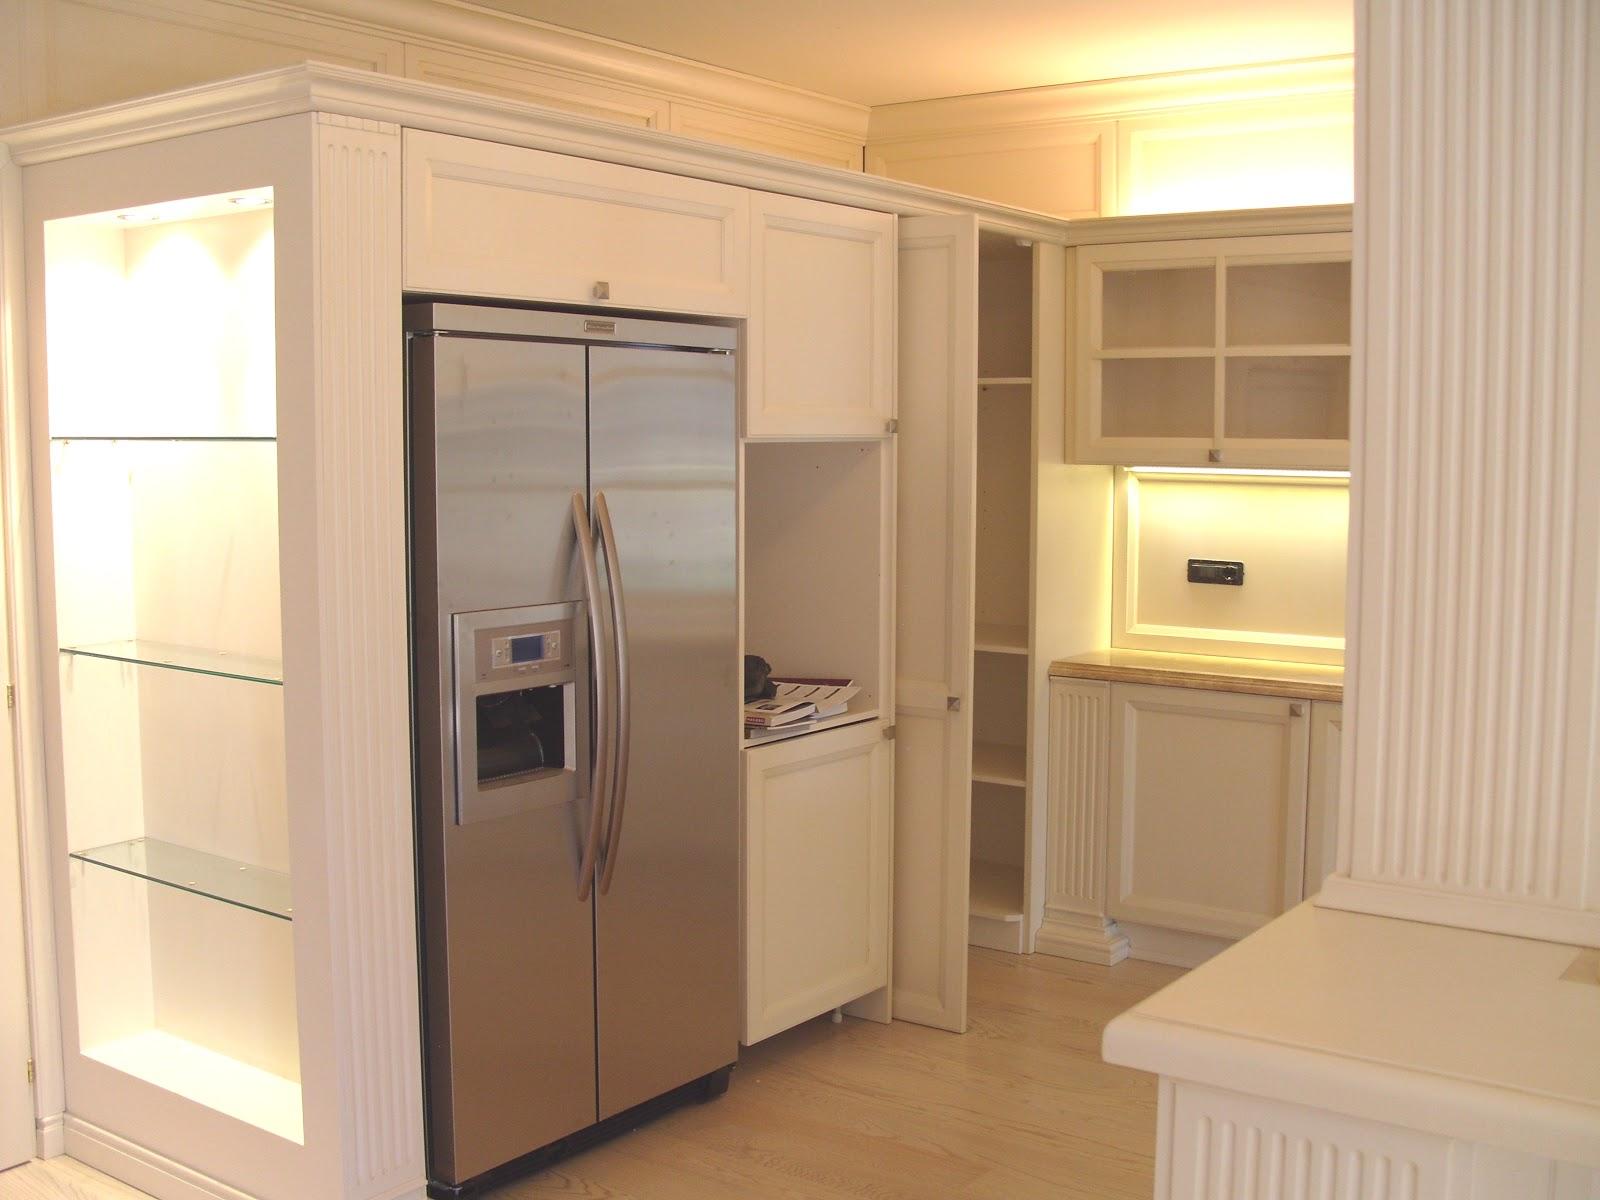 Cucine Moderne Laccate Bianche : ... di qualità: Cucine classiche ...